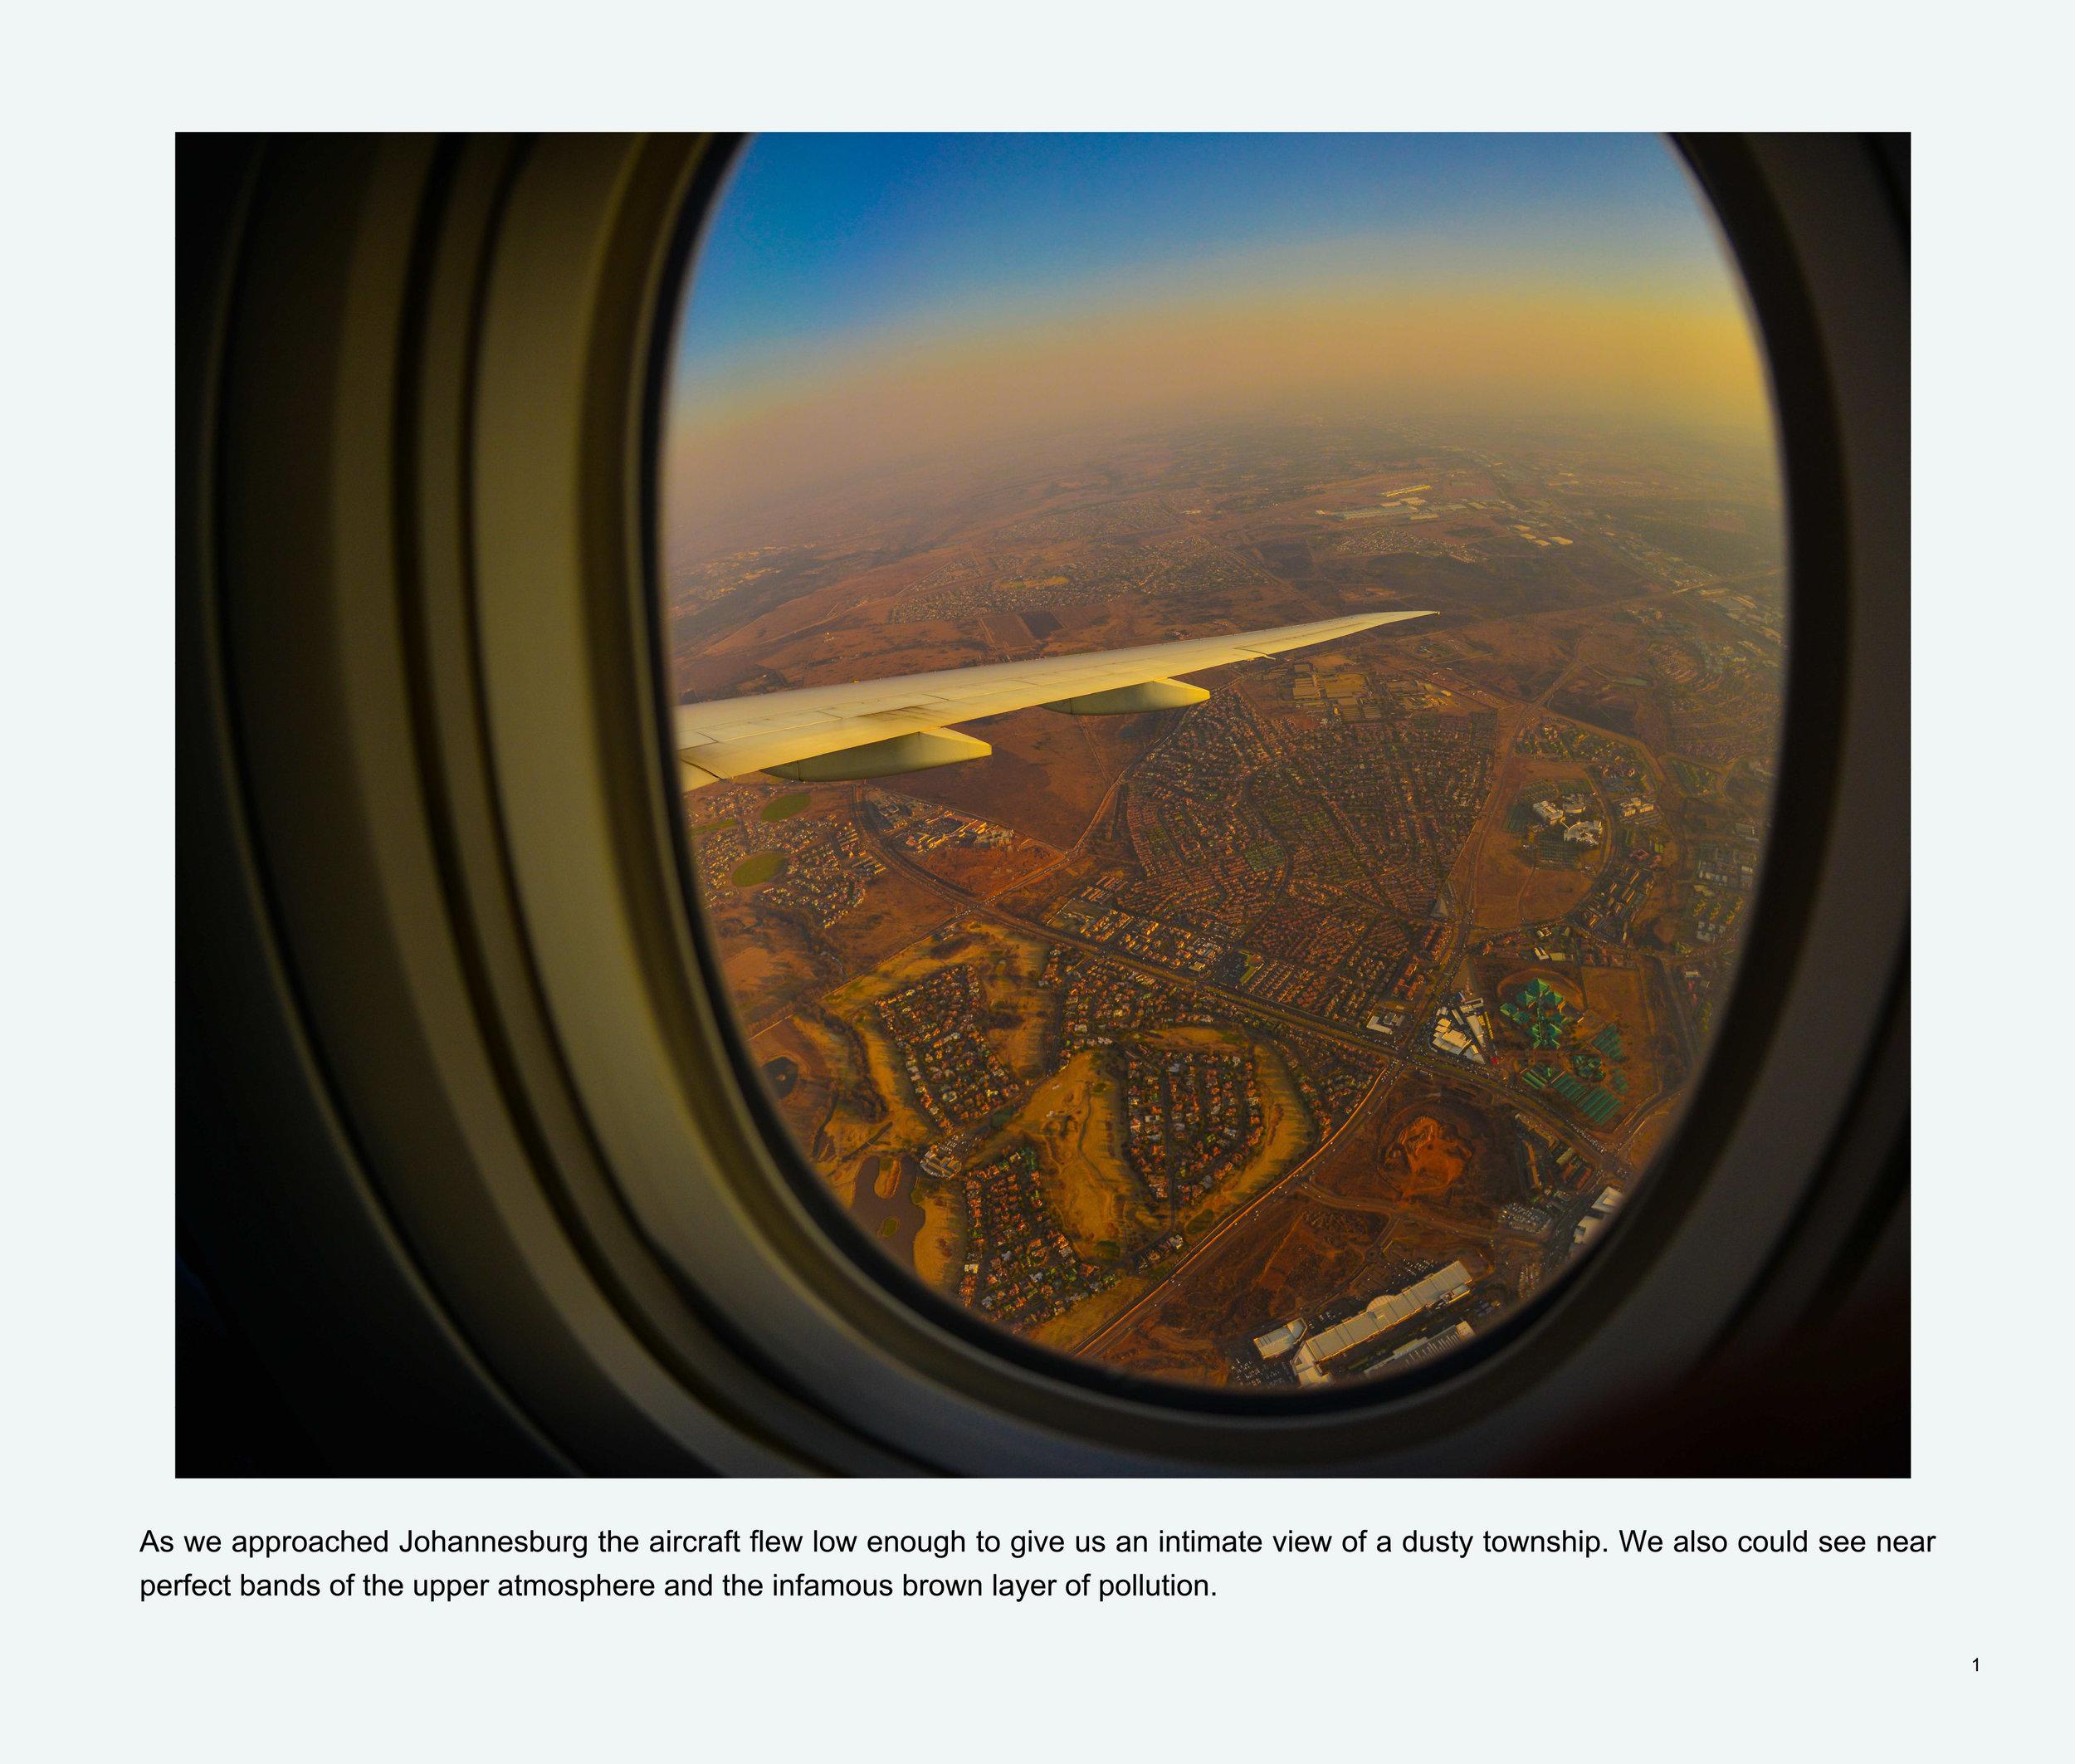 ImagesASouthernAfricaRoadTrip-3.jpg